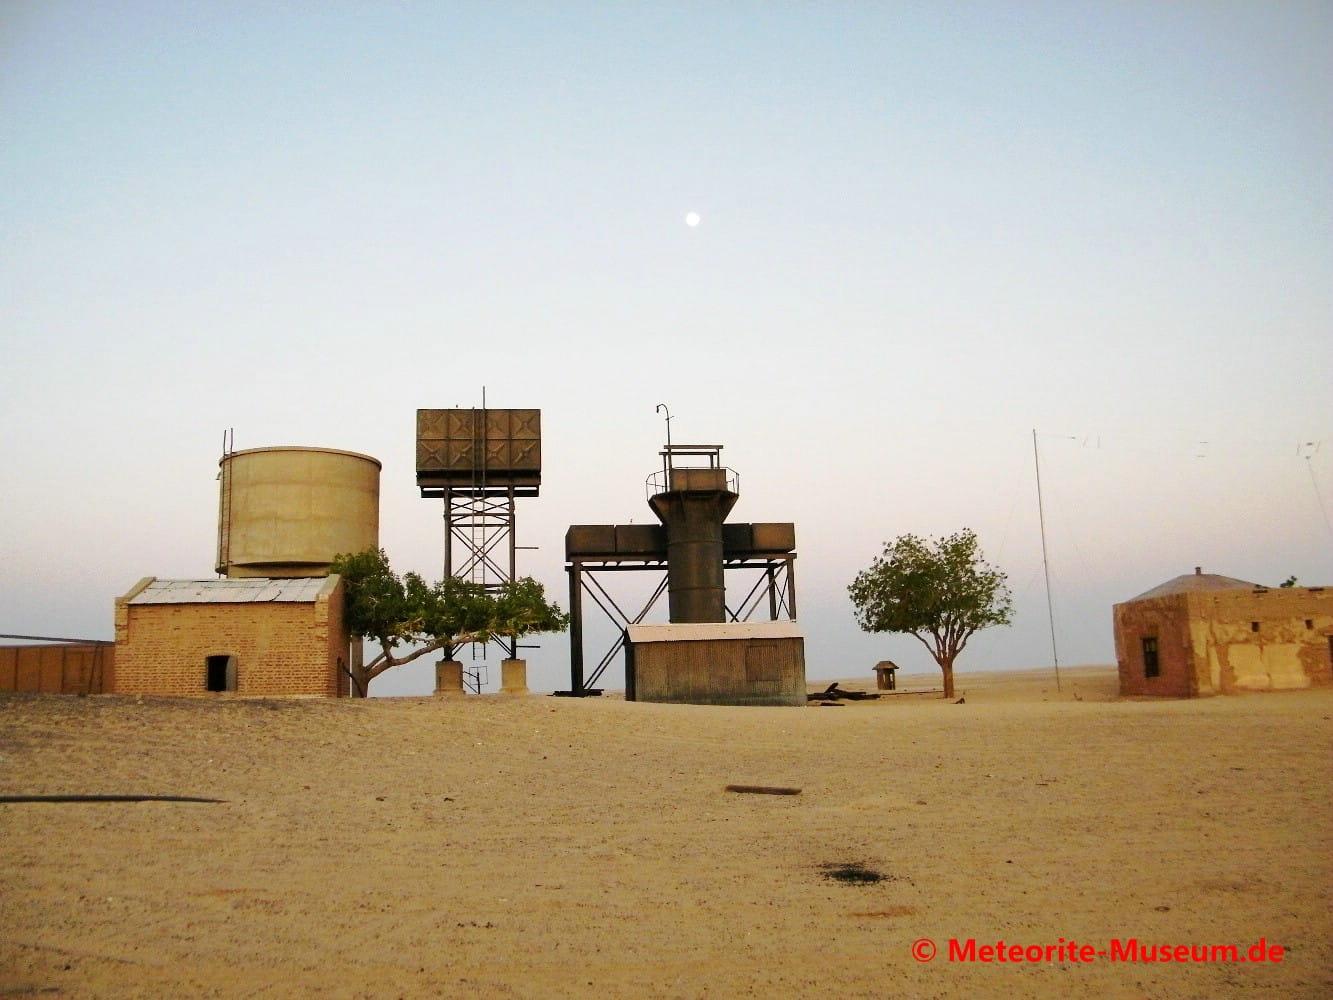 Wasservorrat sowie Versorgungshäuser an der Bahnstation Almahata Sitta in der nubischen Wüste im Sudan